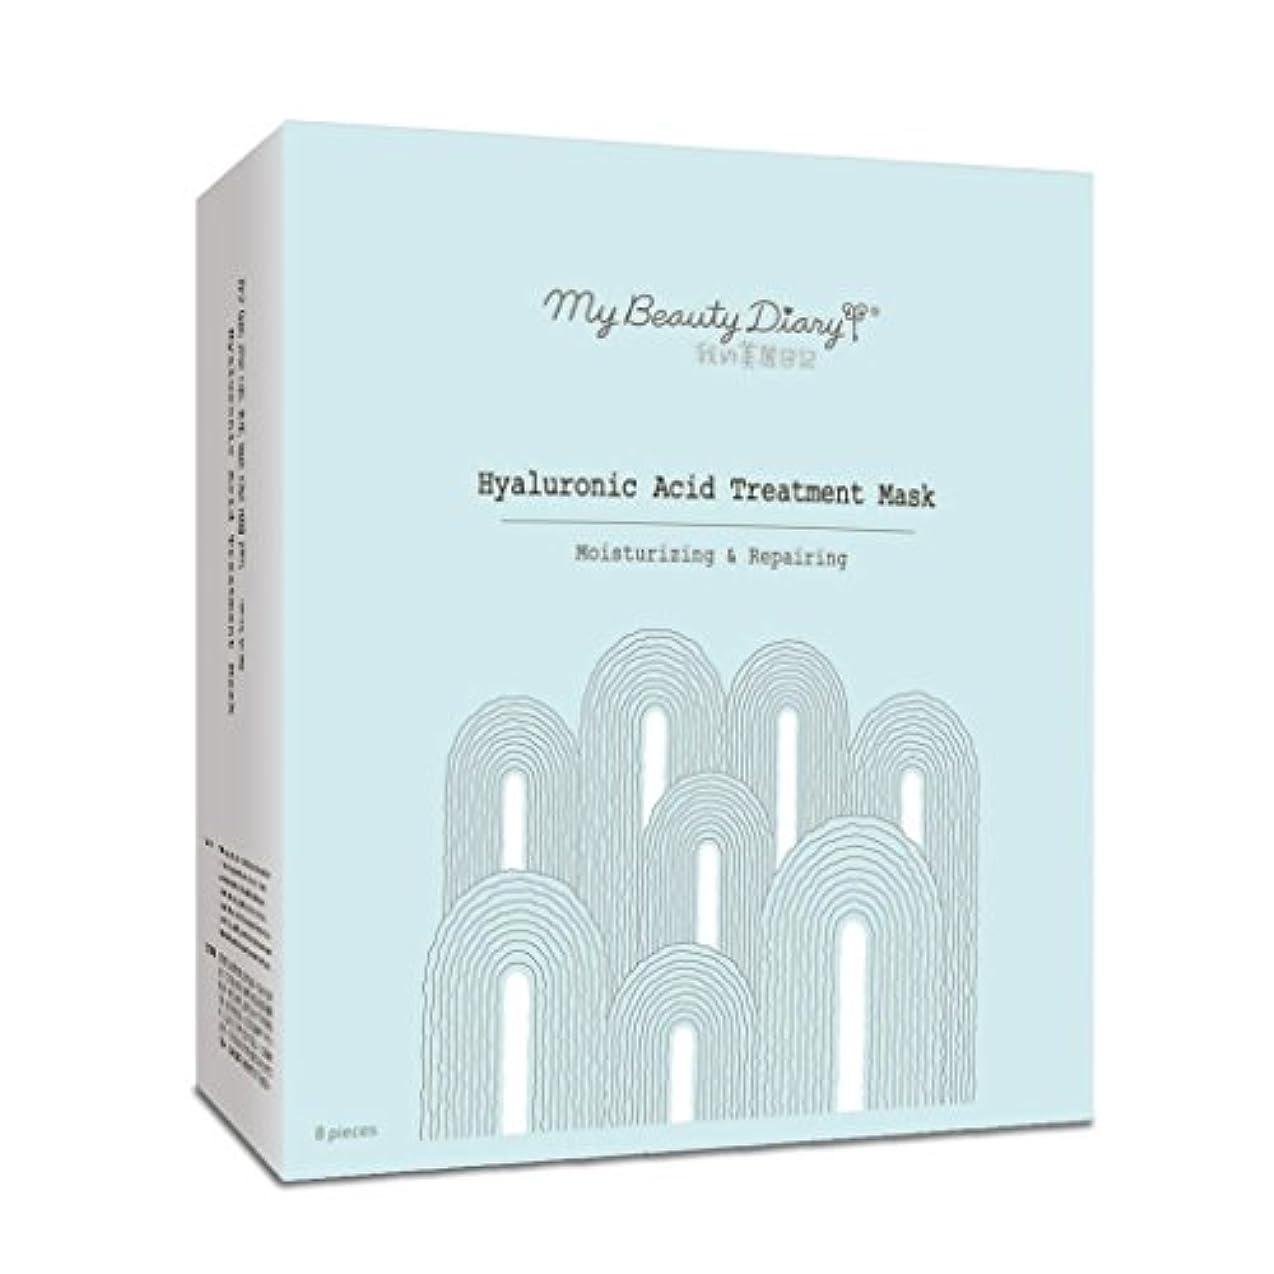 特に疫病証明する我的美麗日記 私のきれい日記 ヒアルロン酸 トリートメント マスク 8枚入り [並行輸入品]